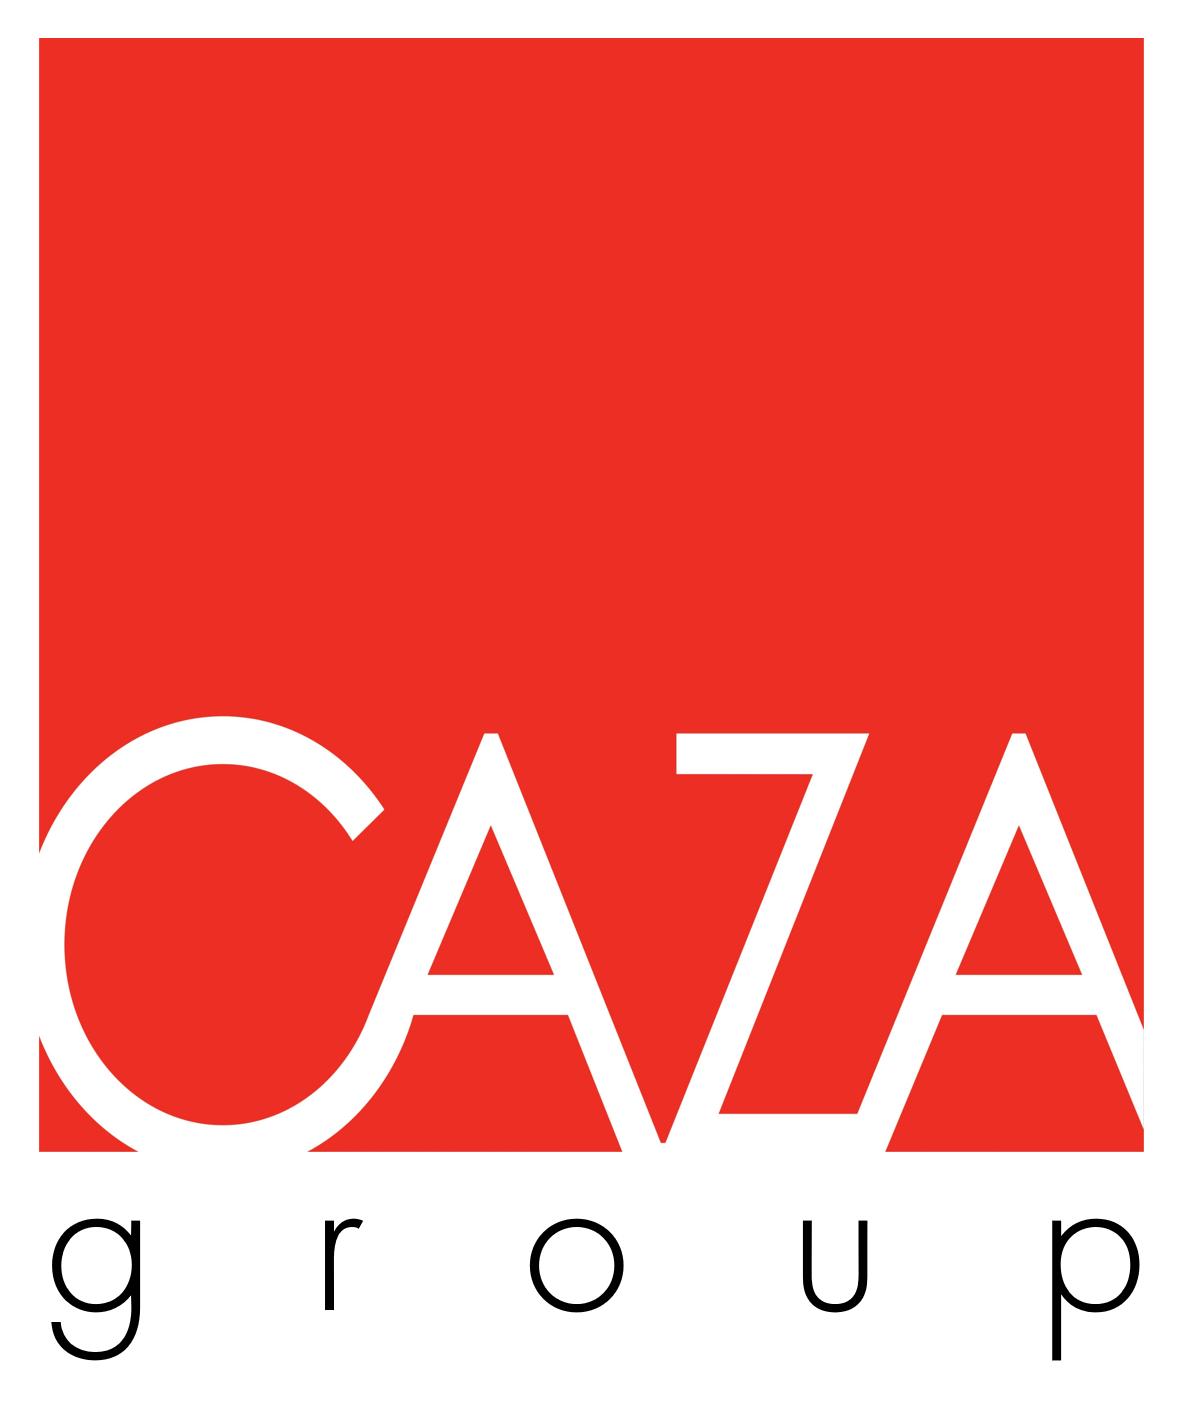 The CAZA Group logo